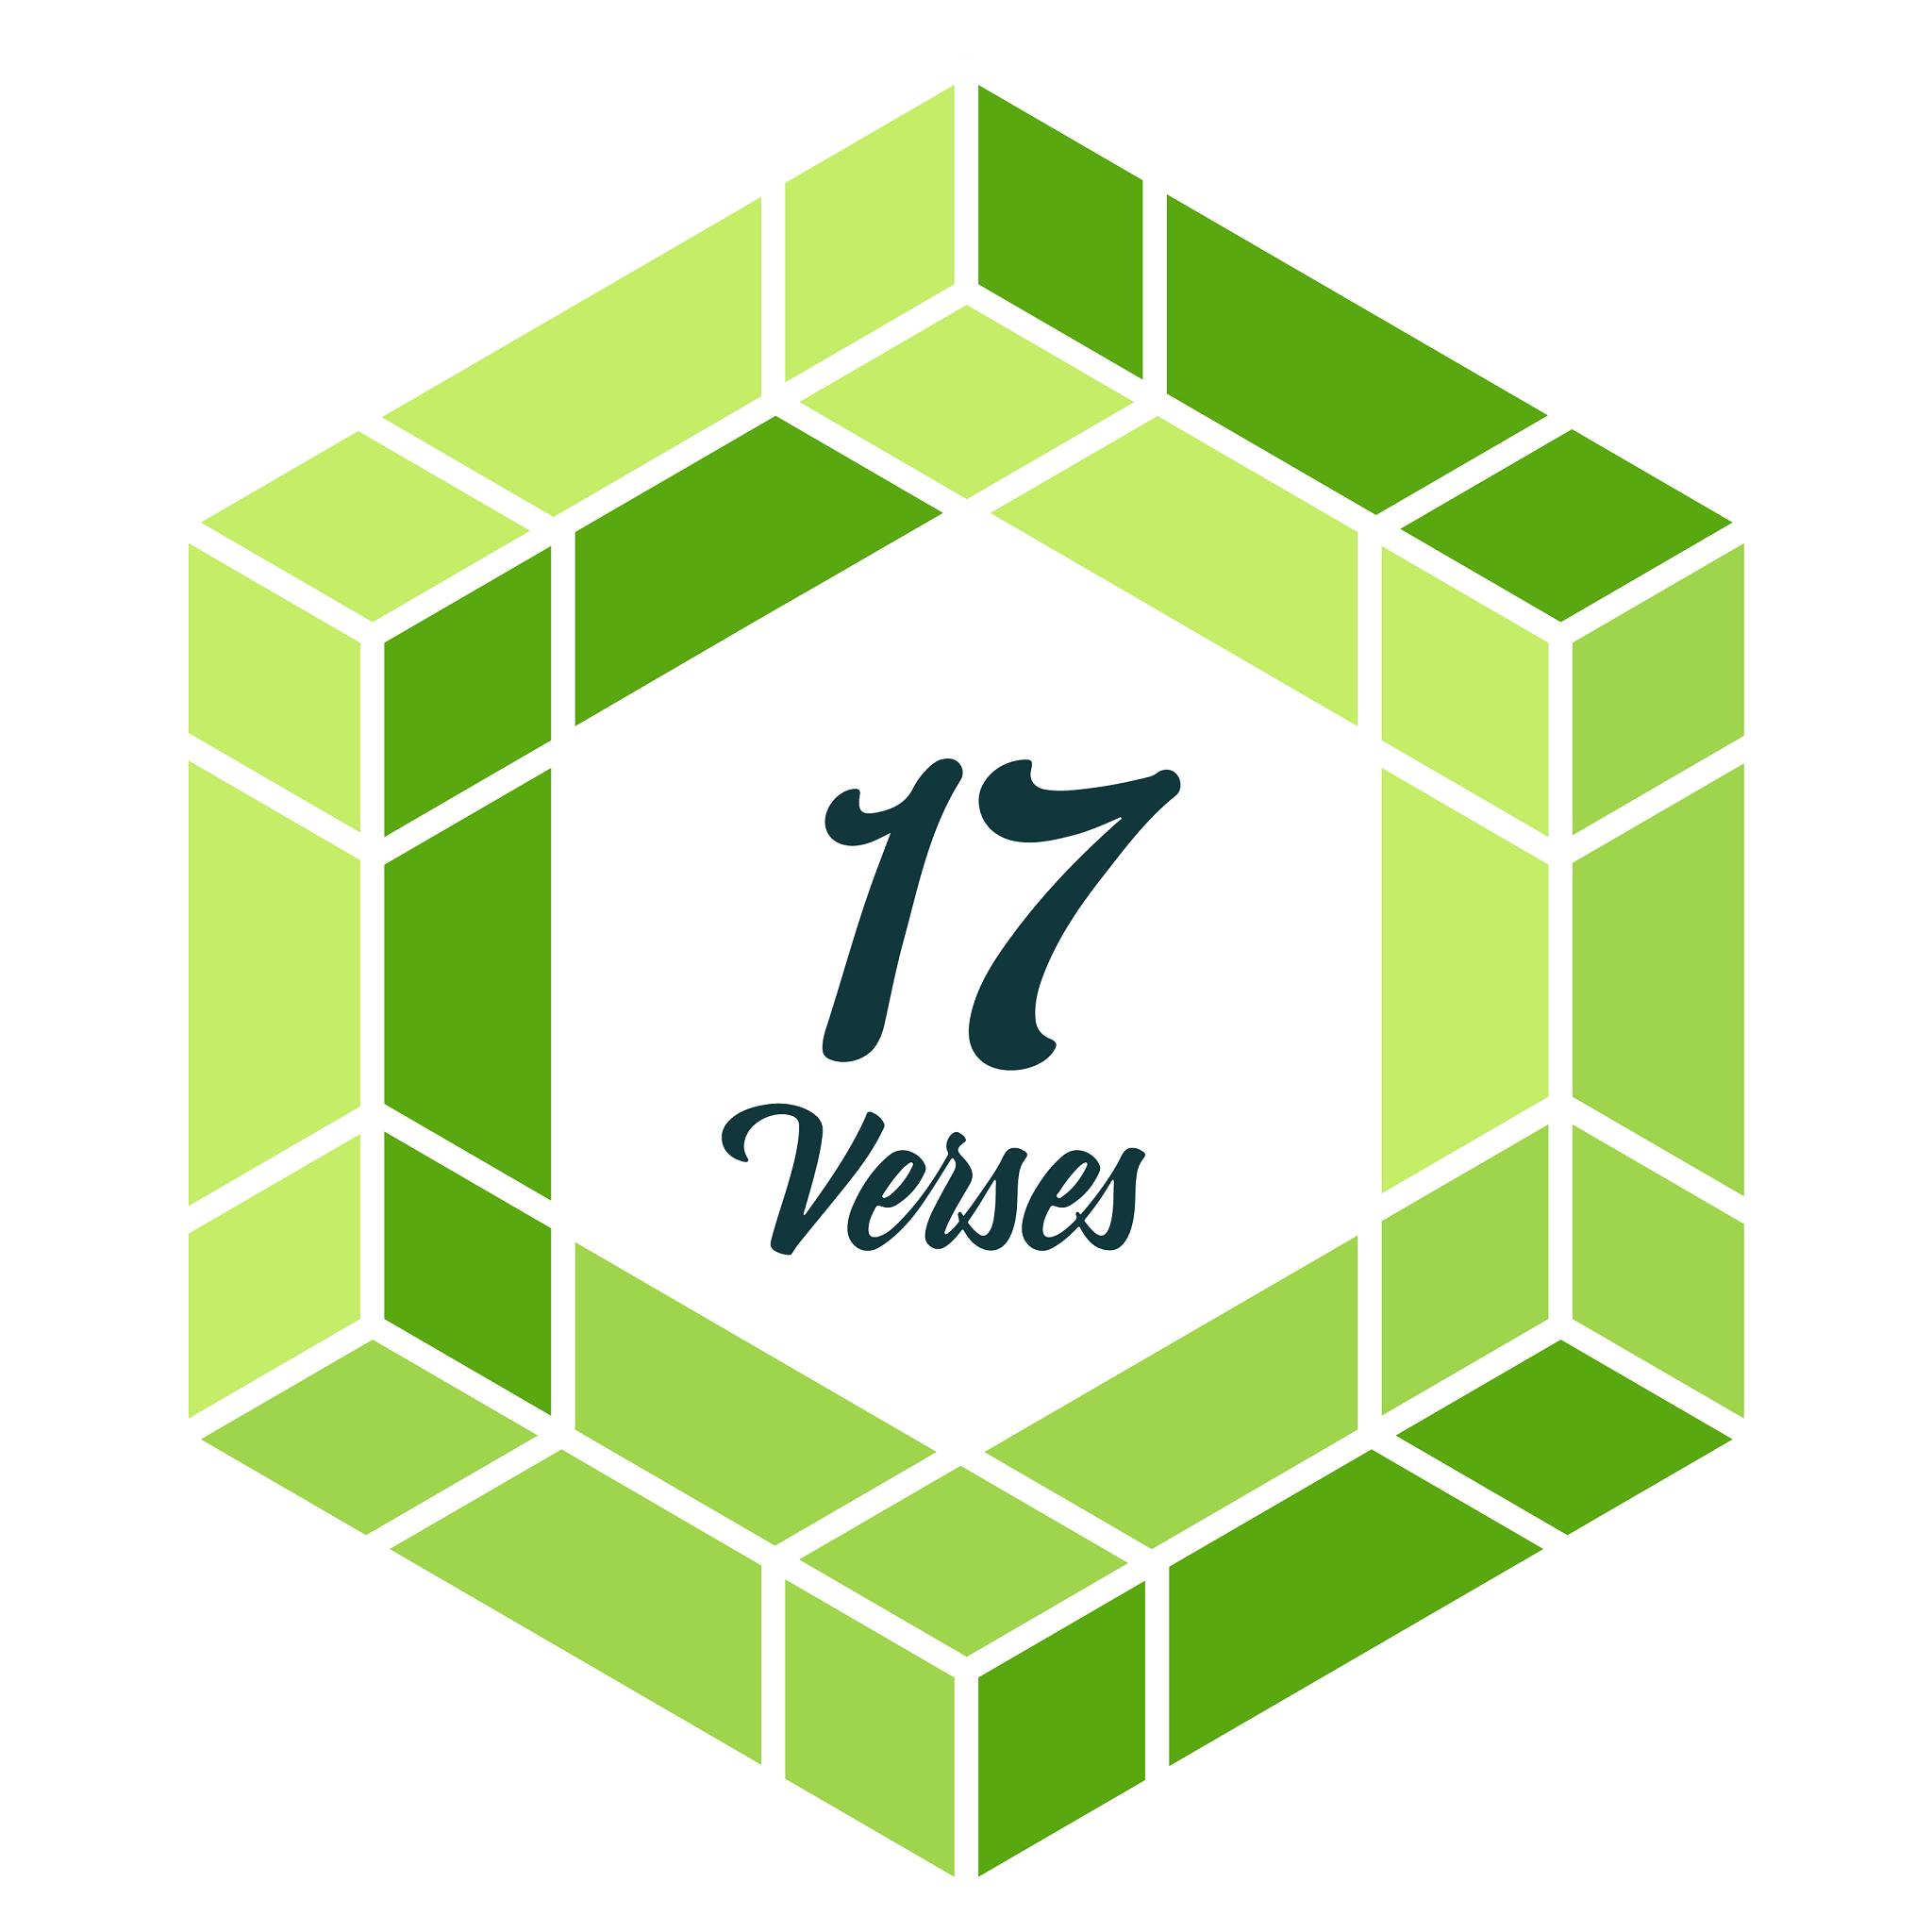 Year 2 - Surah 52 (At-Tûr), Verses 29-49